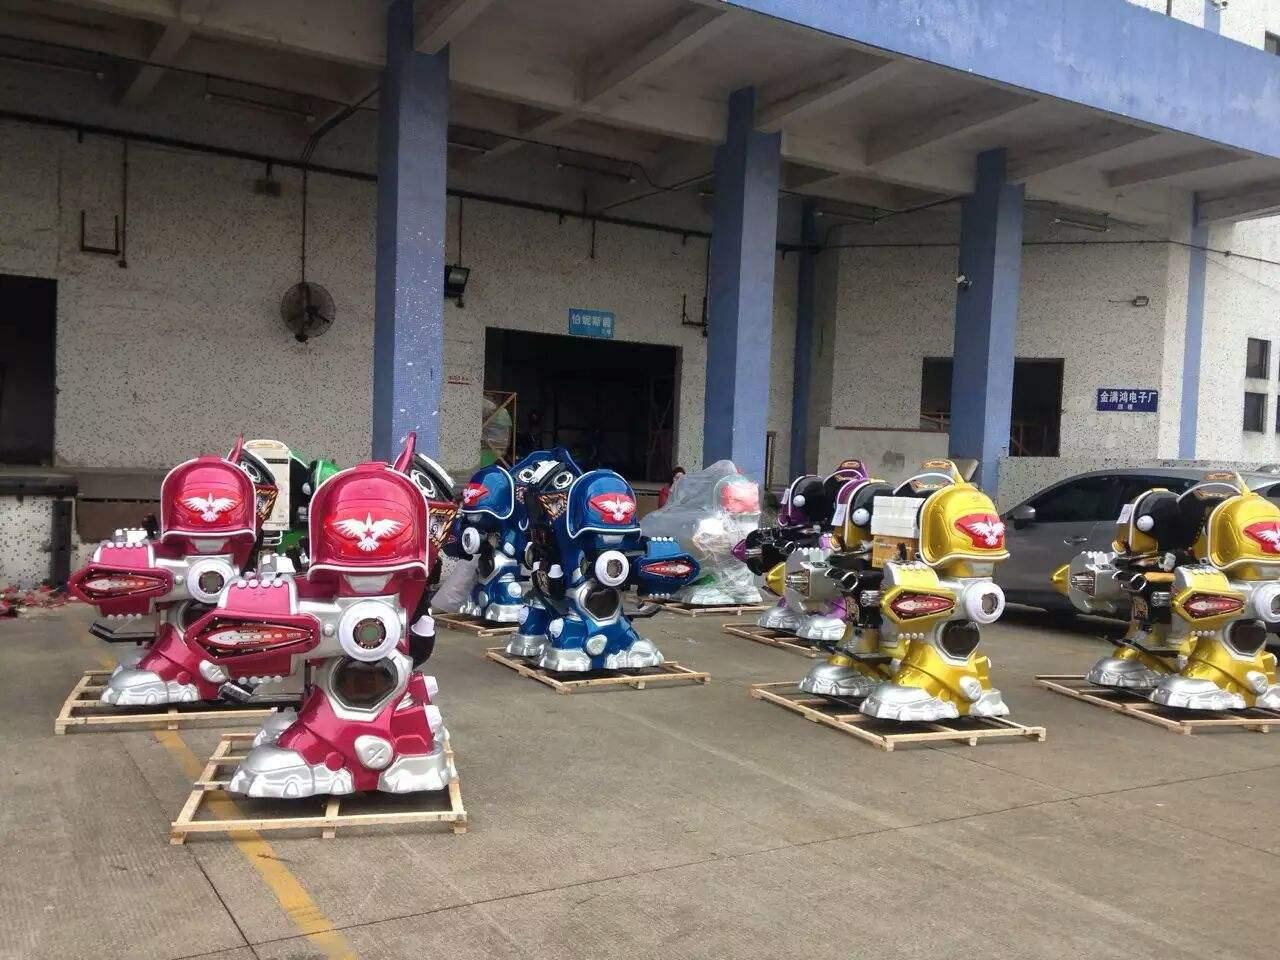 2020大洋游乐重磅推出儿童战火金刚机器人  广场火爆可乐侠机器人示例图13